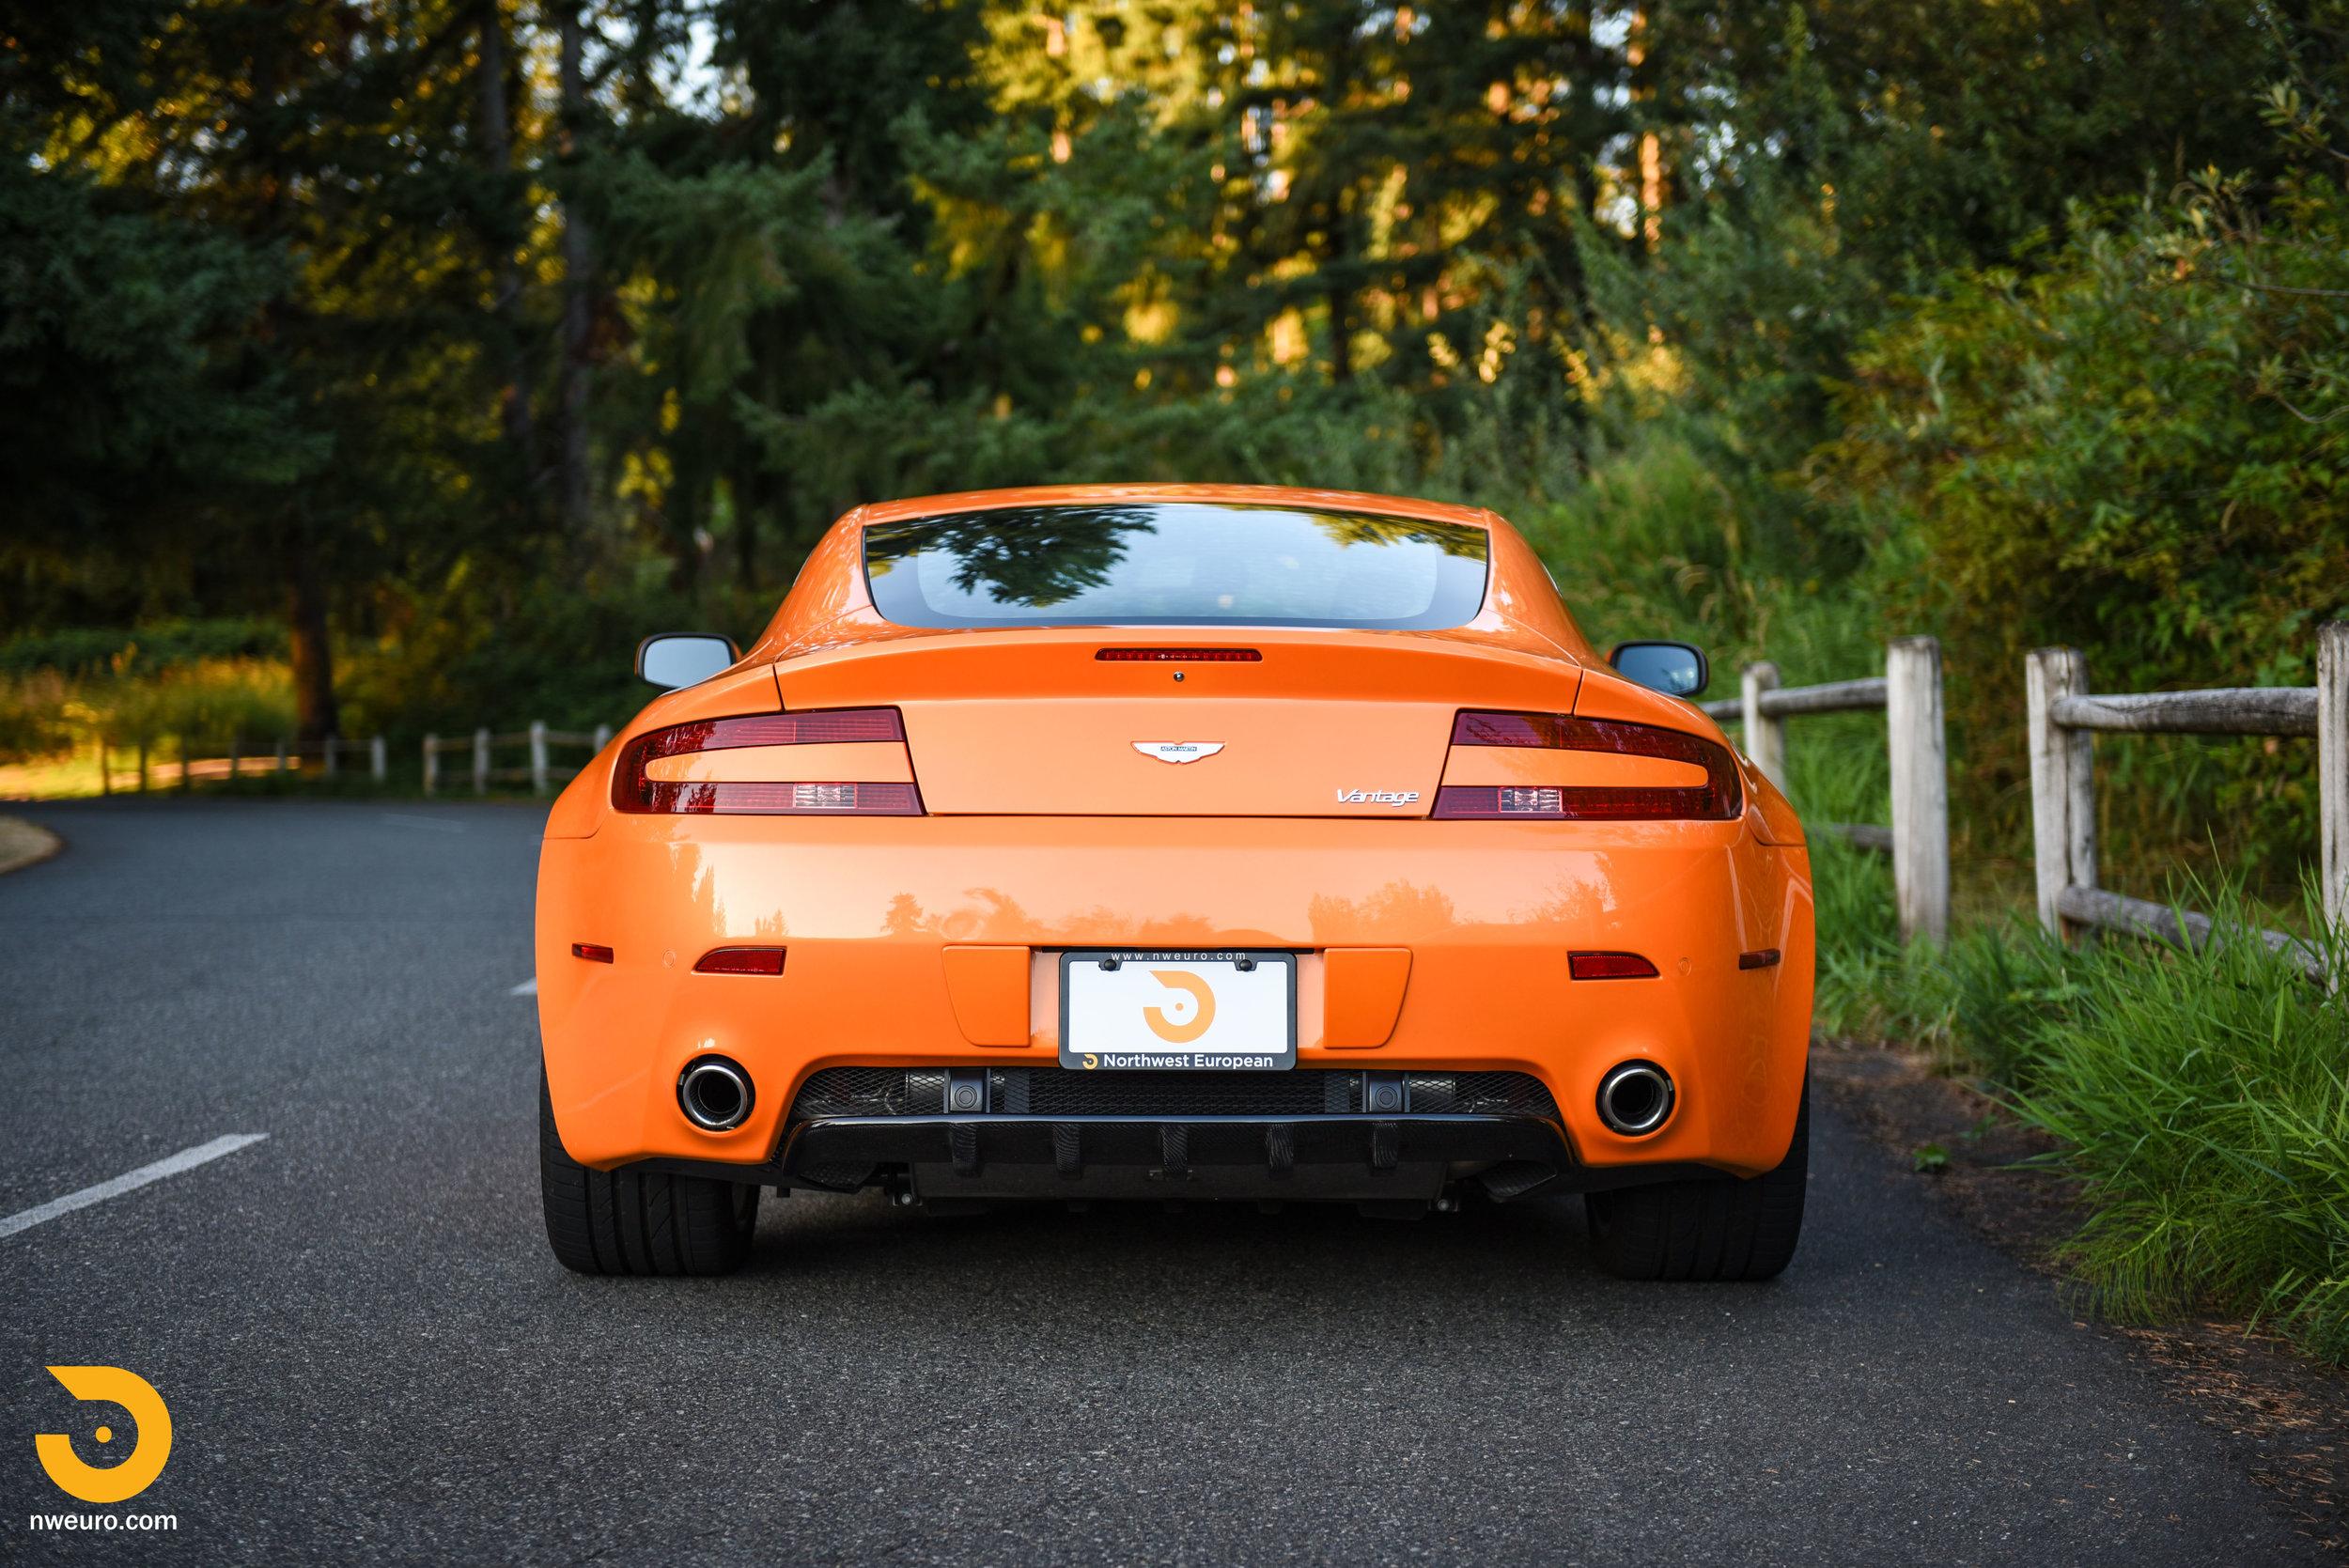 2009 Aston Martin V8 Vantage-45.jpg